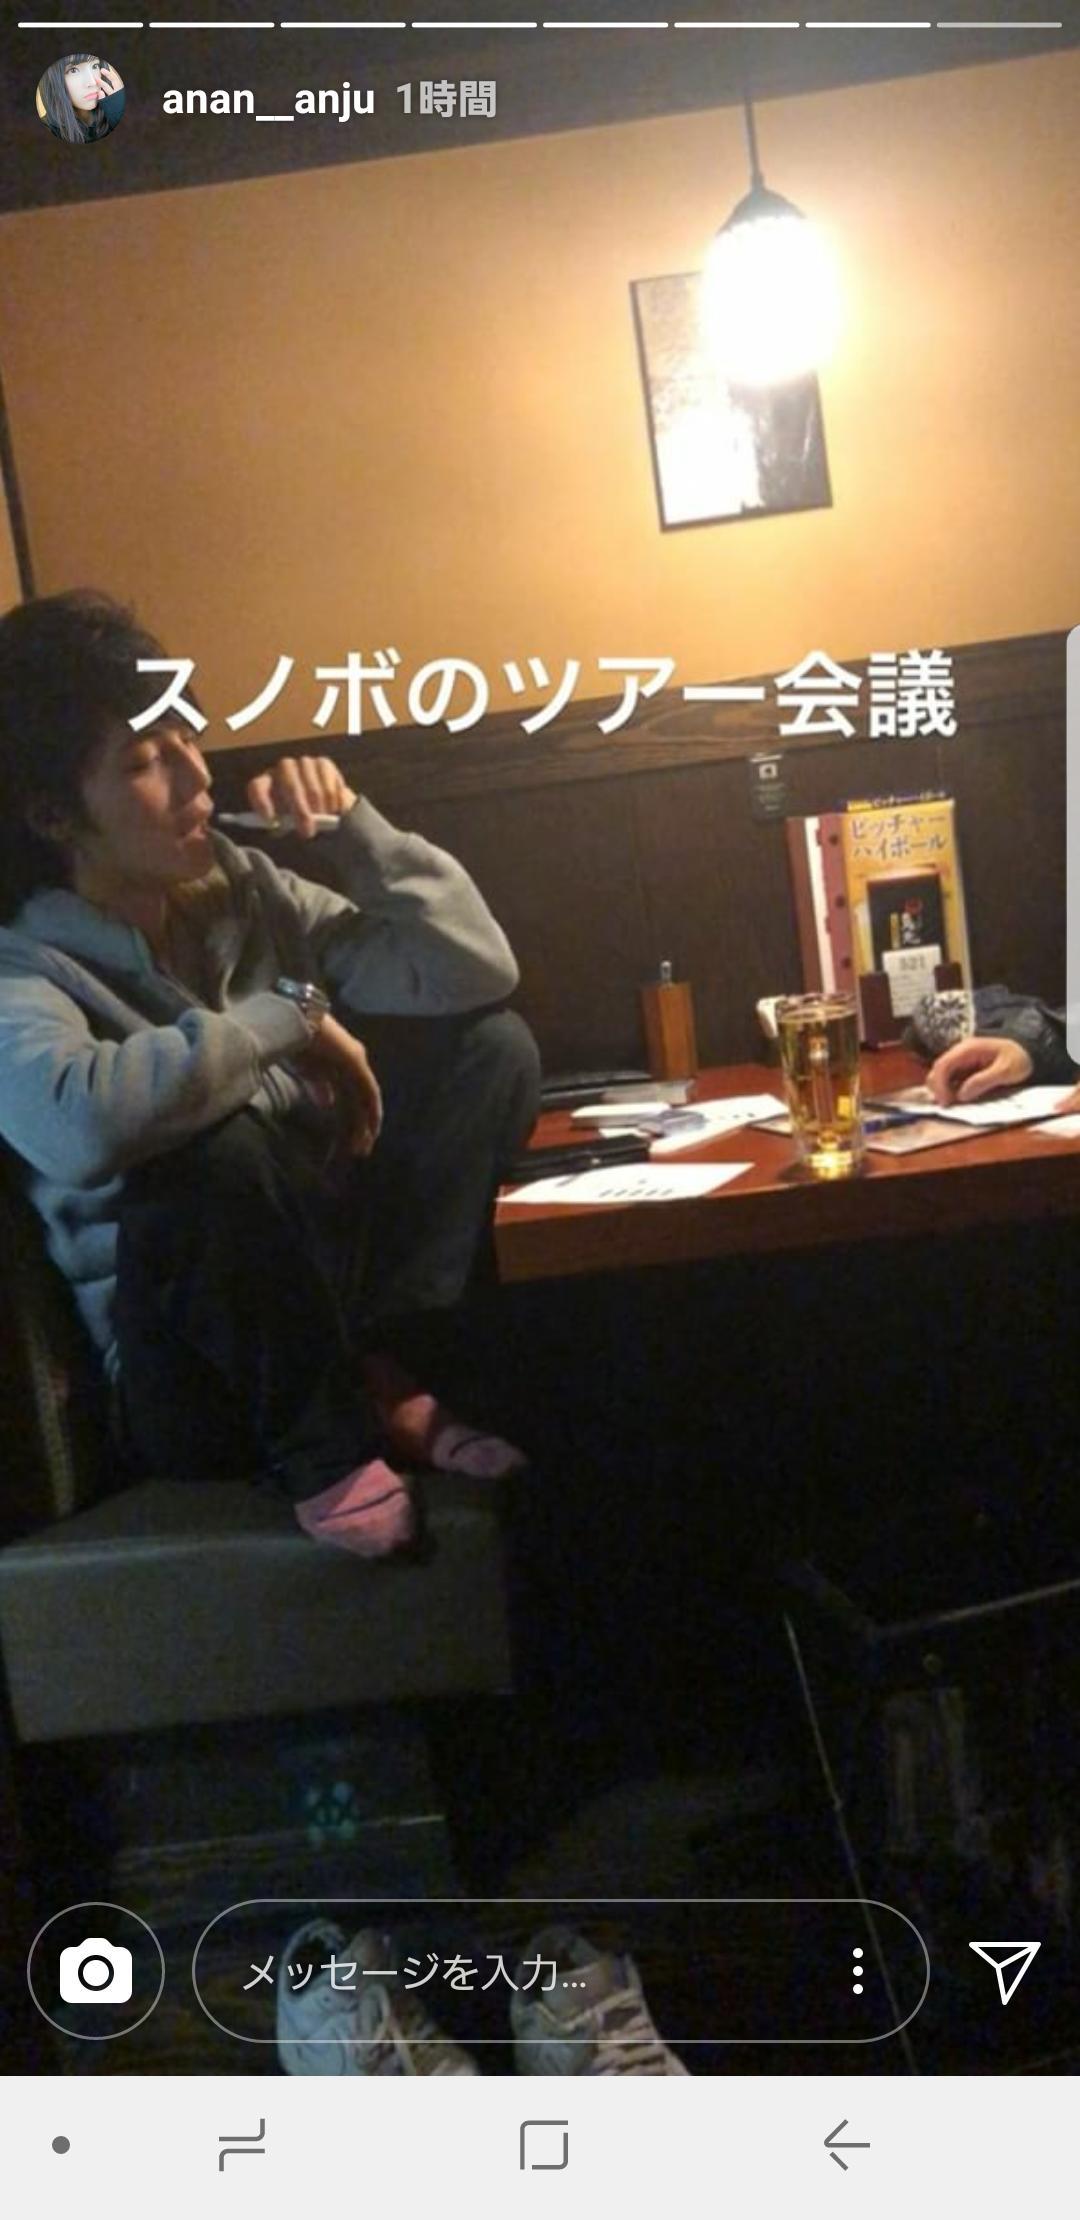 【悲報】NGT48佐藤杏樹が動画誤爆→運営「Instagram乗っ取られた」(?)【動画アリ】